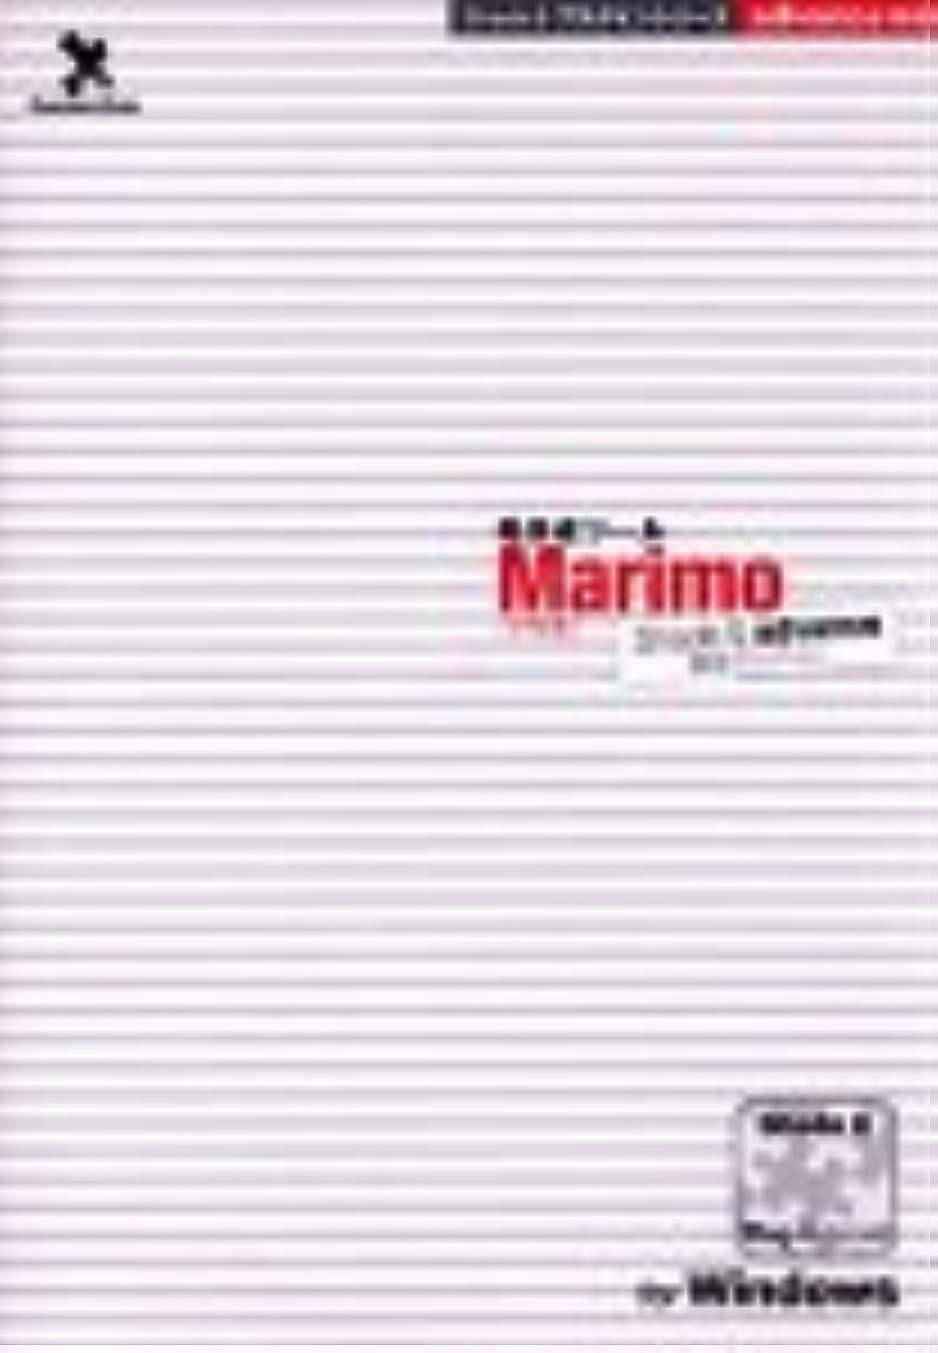 嫌がる主にチェスをするShade 6 プラグインシリーズ Marimo for Windows